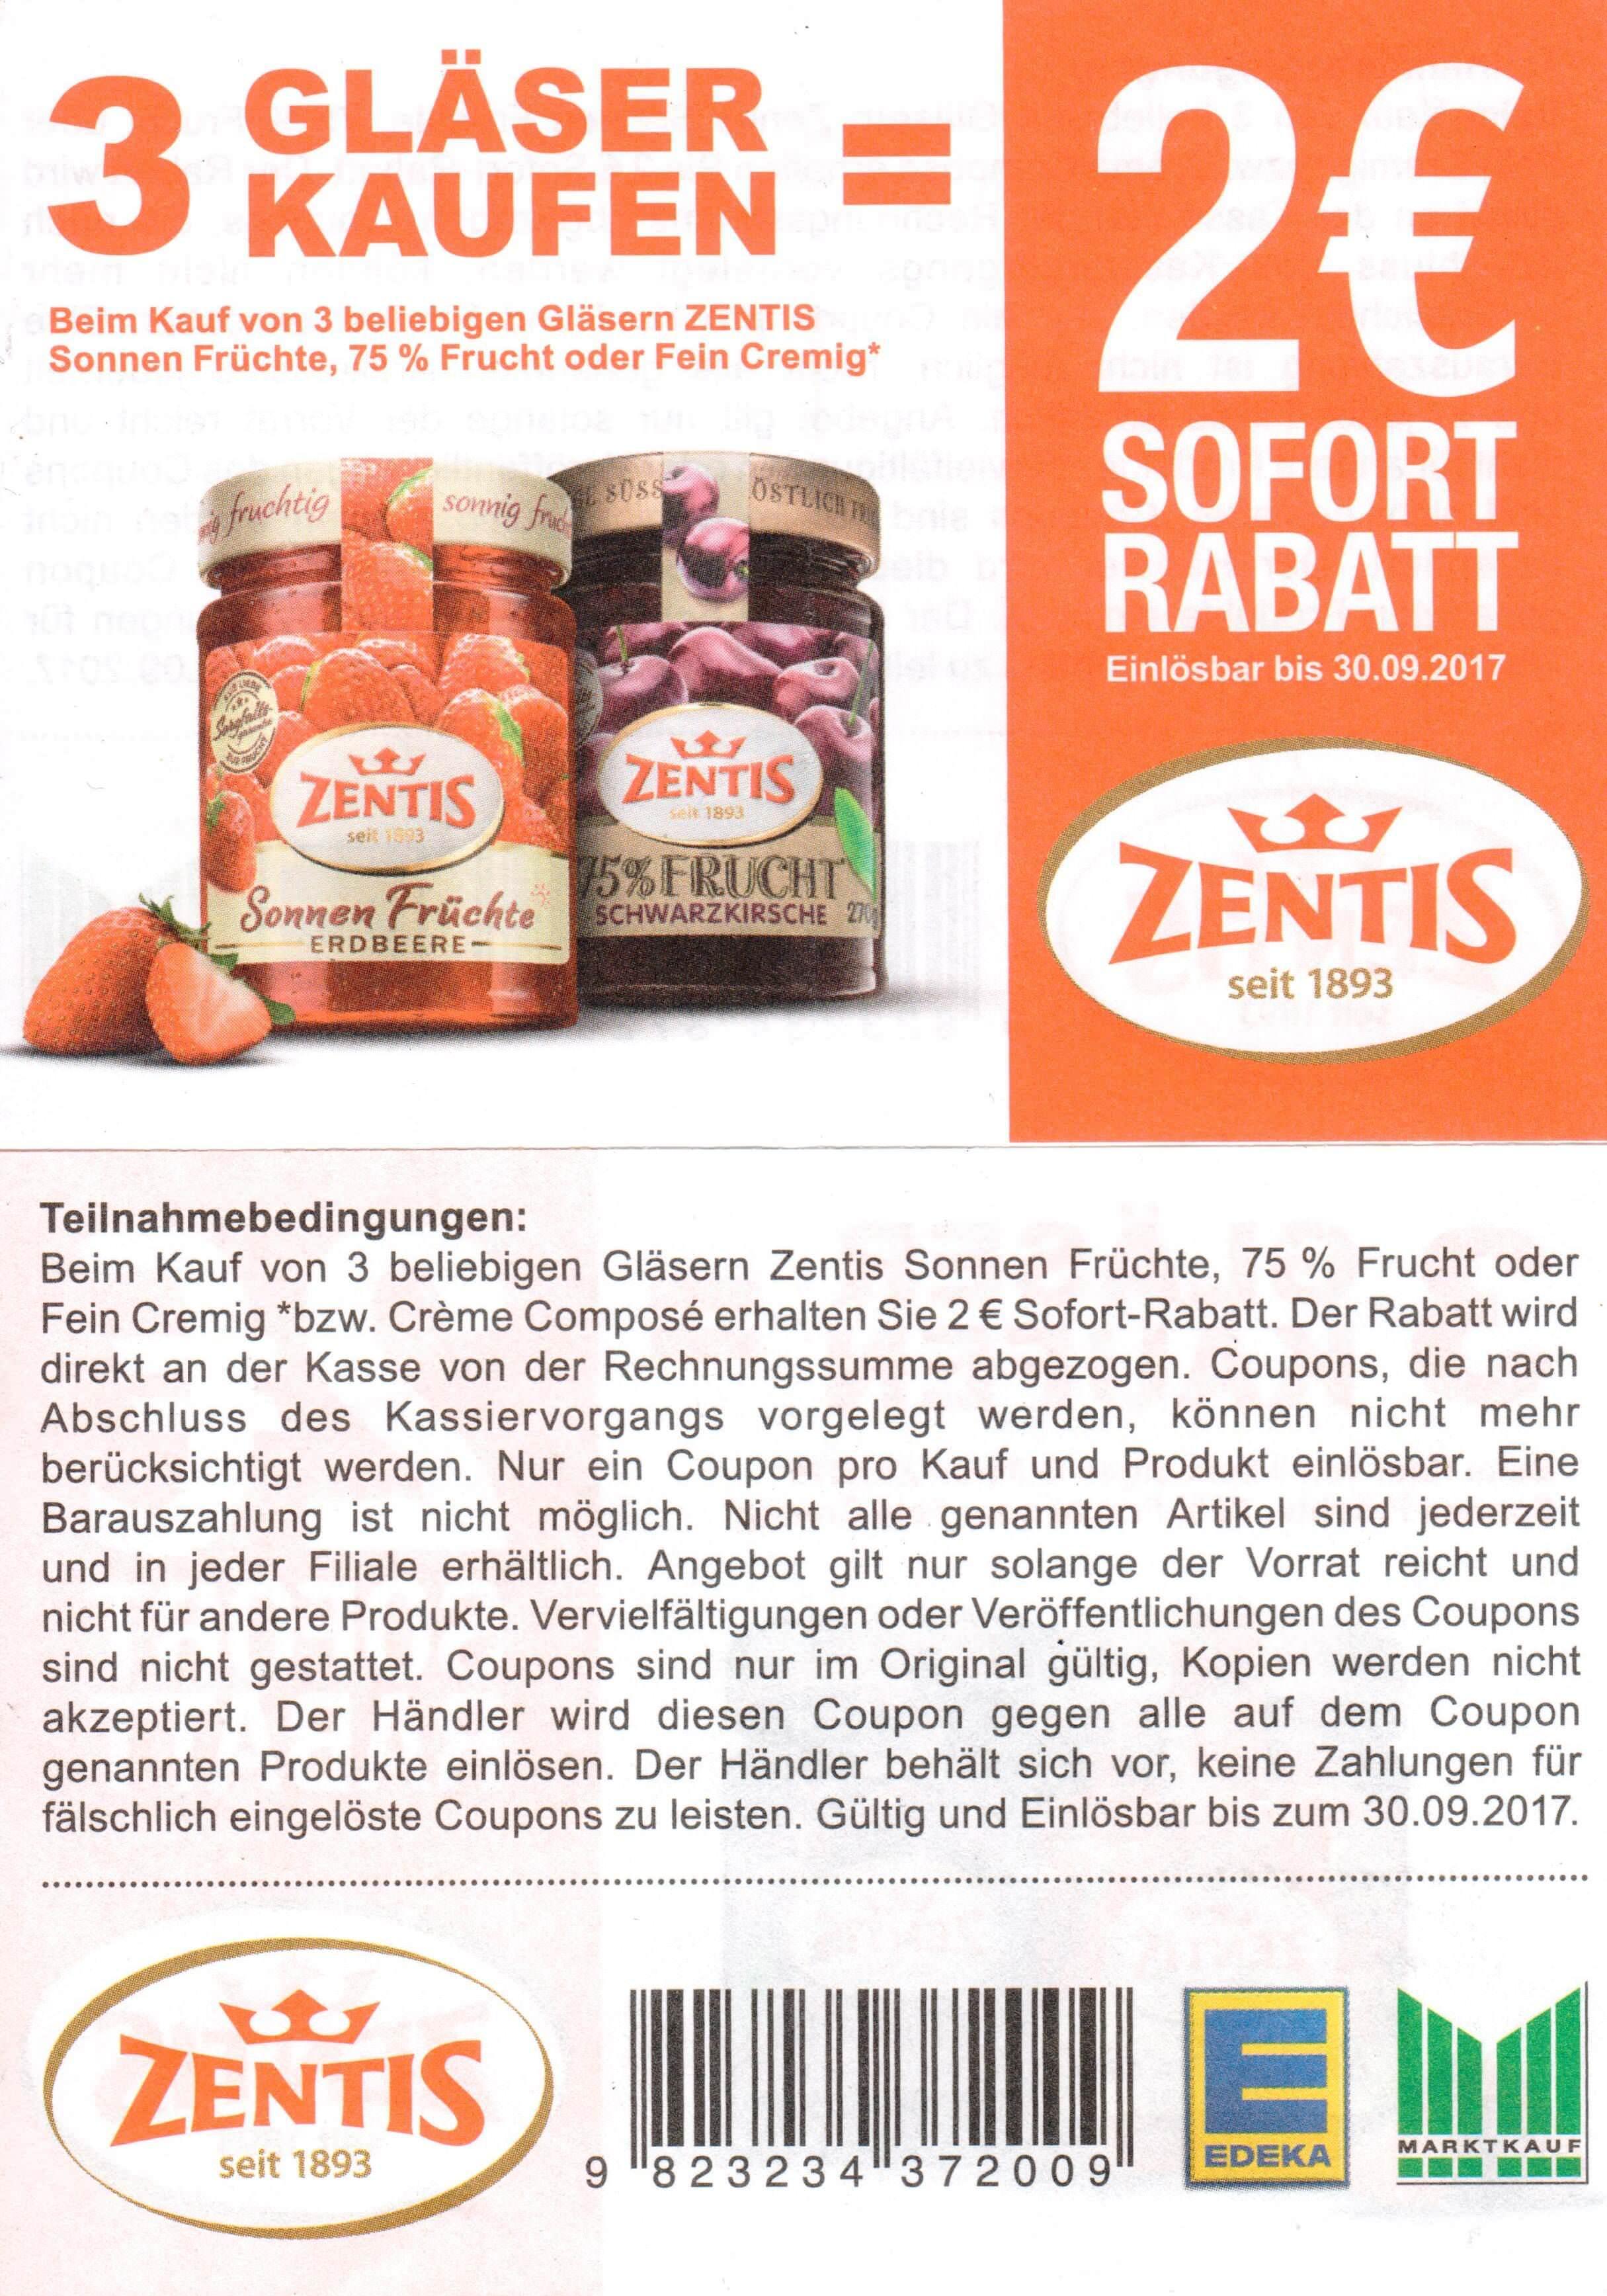 2,00€ Sofort-Rabatt-Coupon für 3 Gläser Zentis Sonnenfrüchte, 75% oder Fein Cremig bis 30.09.2017 [Marktkauf+Edeka]